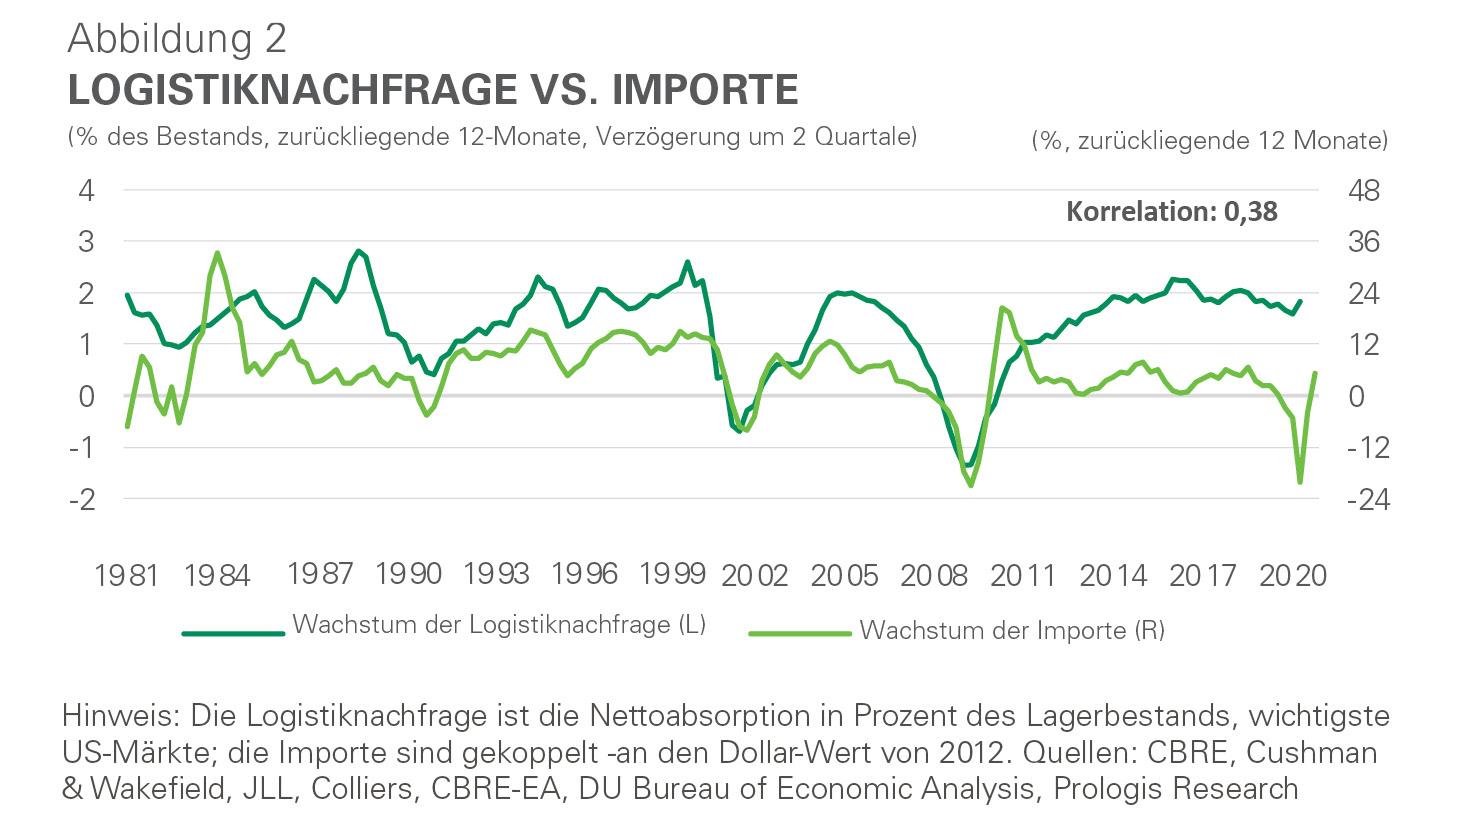 Infografik - Logistiknachfrage vs. Importe